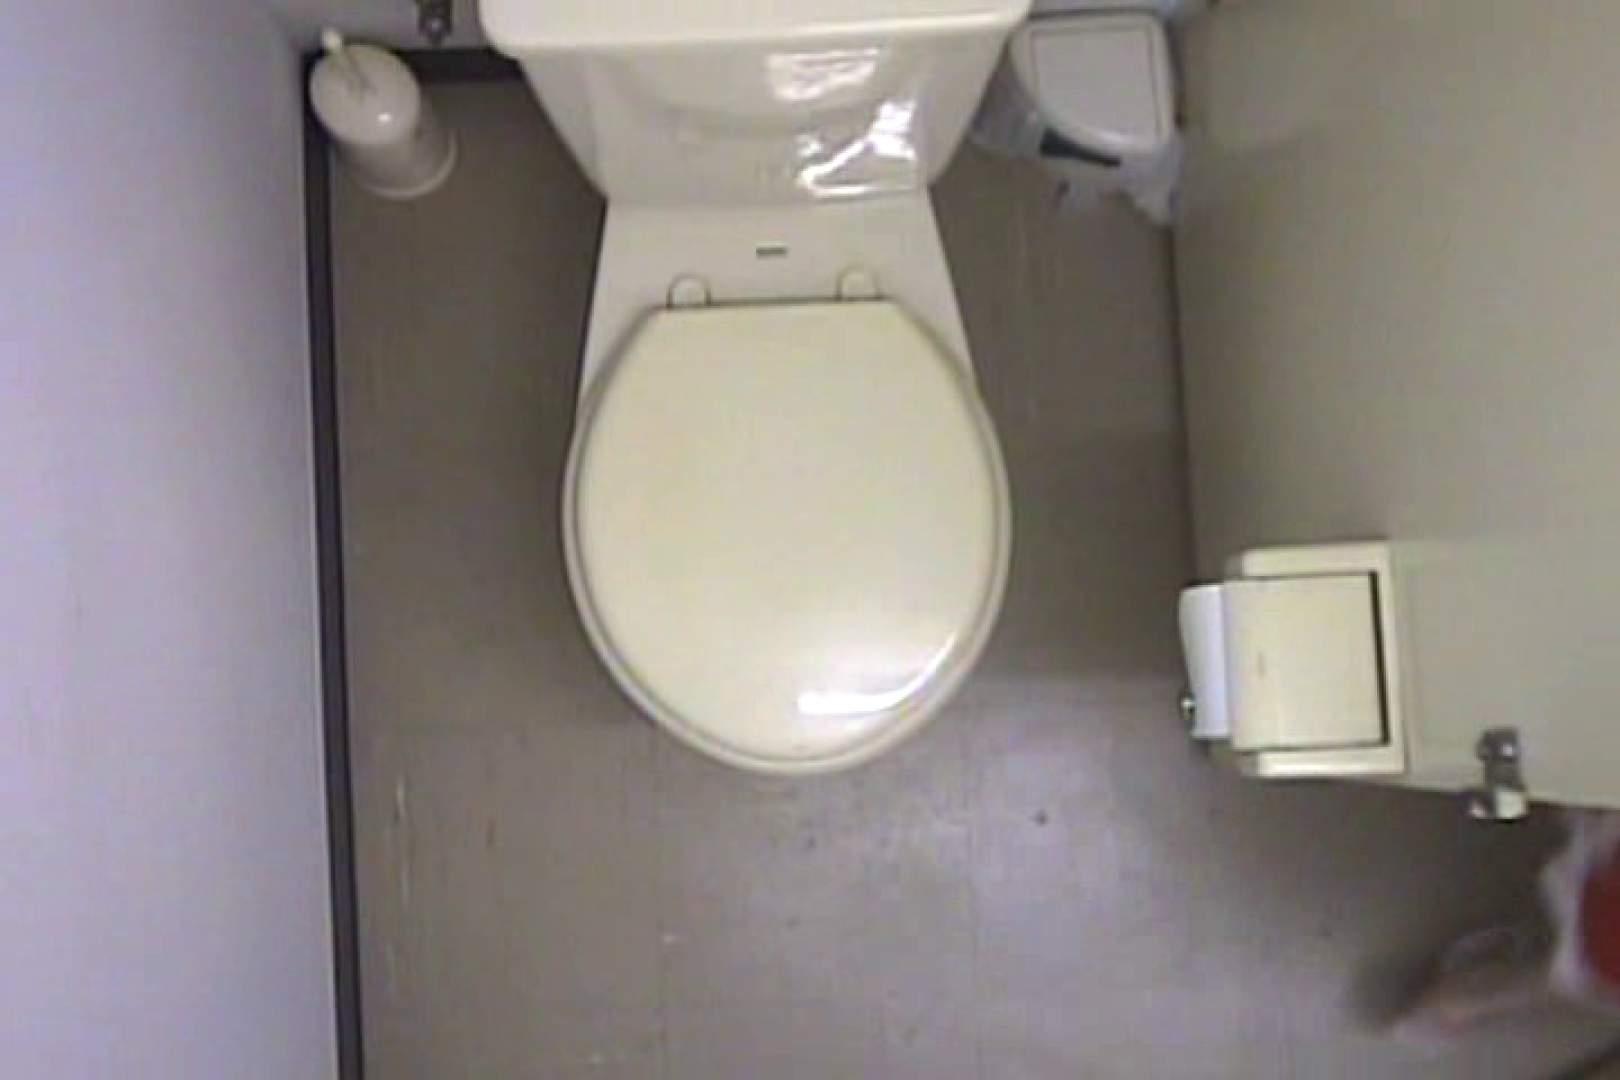 雑居ビル洗面所オナニーVol.6 お姉さんの女体 | 可愛いパイパン  33pic 18